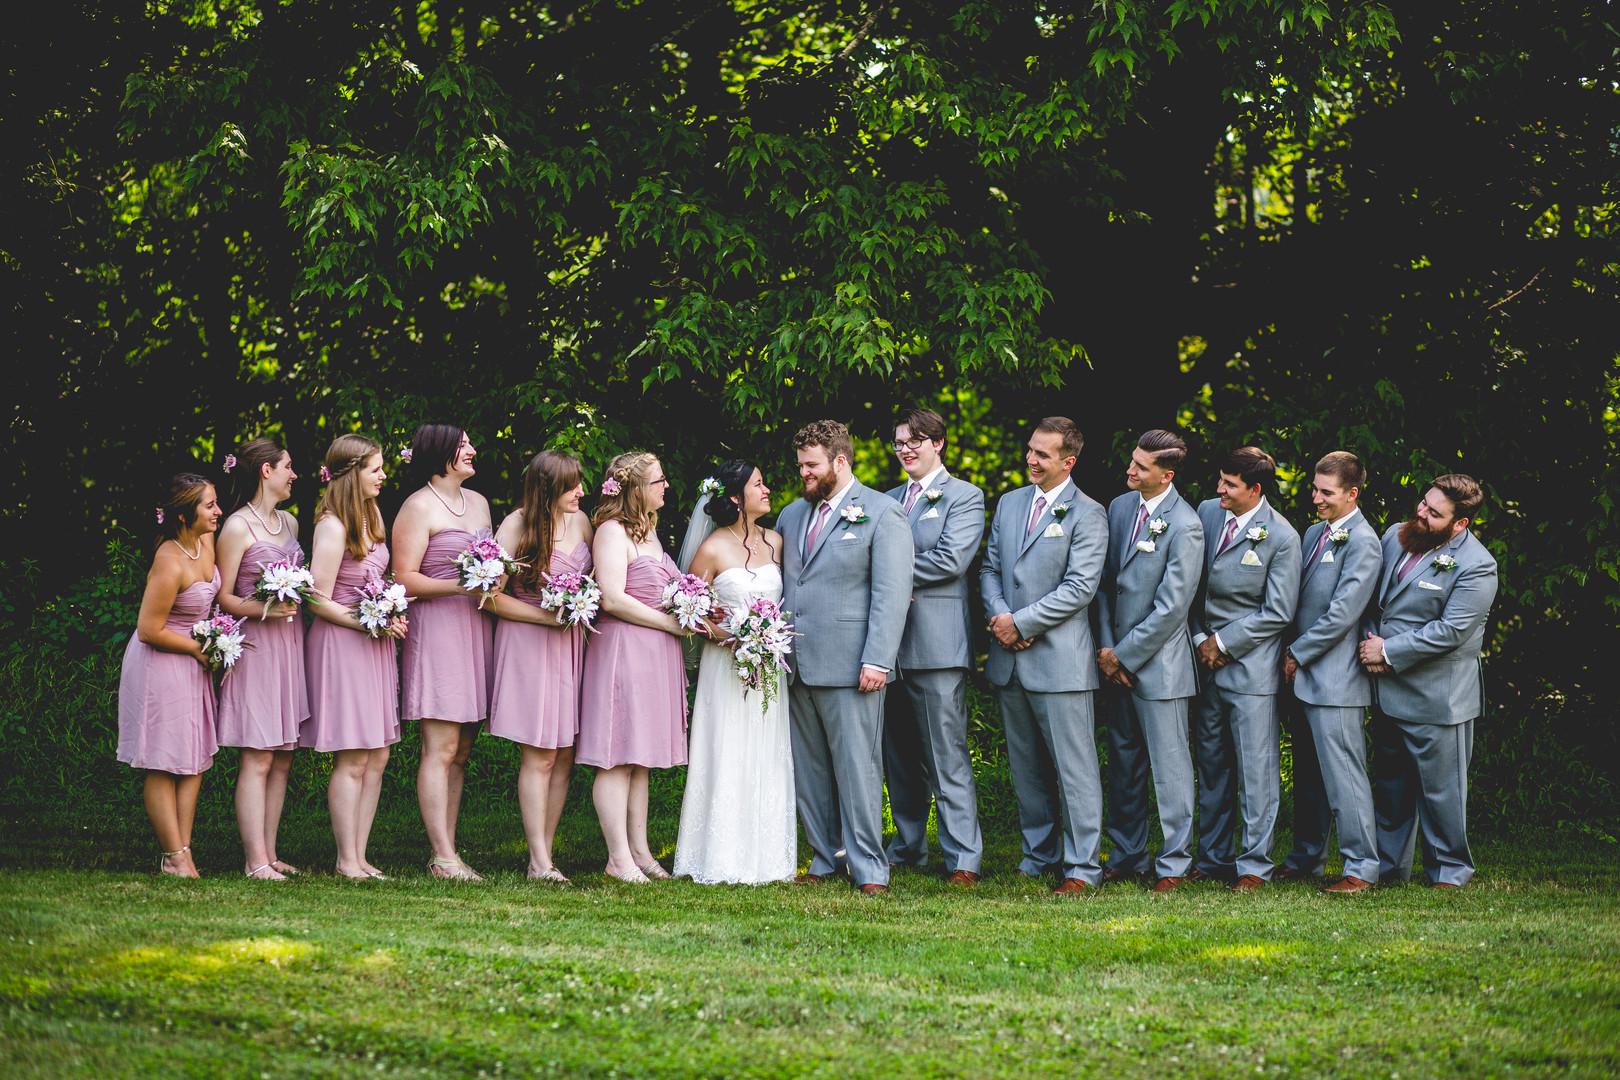 bride-groom-wedding-party-photos-1.jpg